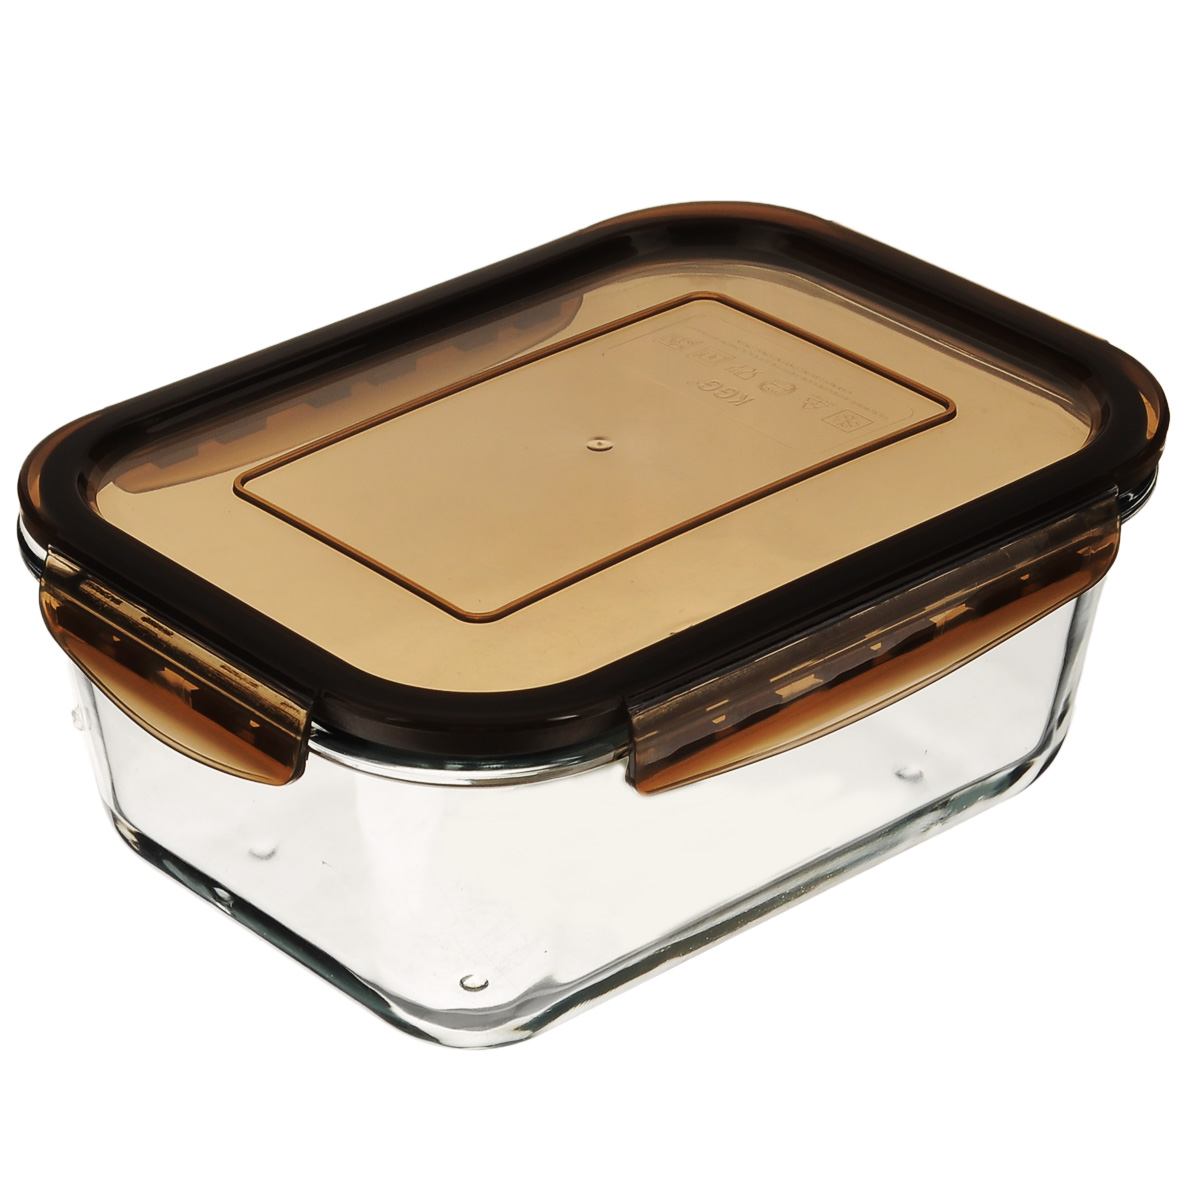 """Прямоугольная форма для запекания """"Mijotex"""" изготовлена из жаропрочного   стекла,   которое выдерживает температуру до +450°С. Форма предназначена для   приготовления горячих блюд. Оснащена герметичной пластиковой крышкой с   силиконовым уплотнителем для хранения продуктов. Материал изделия   гигиеничен, прост в уходе и обладает высокой степенью прочности.   Форма (без крышки) идеально подходит для использования в духовках,   микроволновых печах, холодильниках и морозильных камерах. Также ее можно   использовать на газовых плитах (на слабом огне) и на электроплитах. Можно мыть   в посудомоечной машине.  Размер формы (по верхнему краю): 21 см х 15 см. Высота стенки формы: 9 см.   Как выбрать форму для выпечки – статья на OZON Гид."""